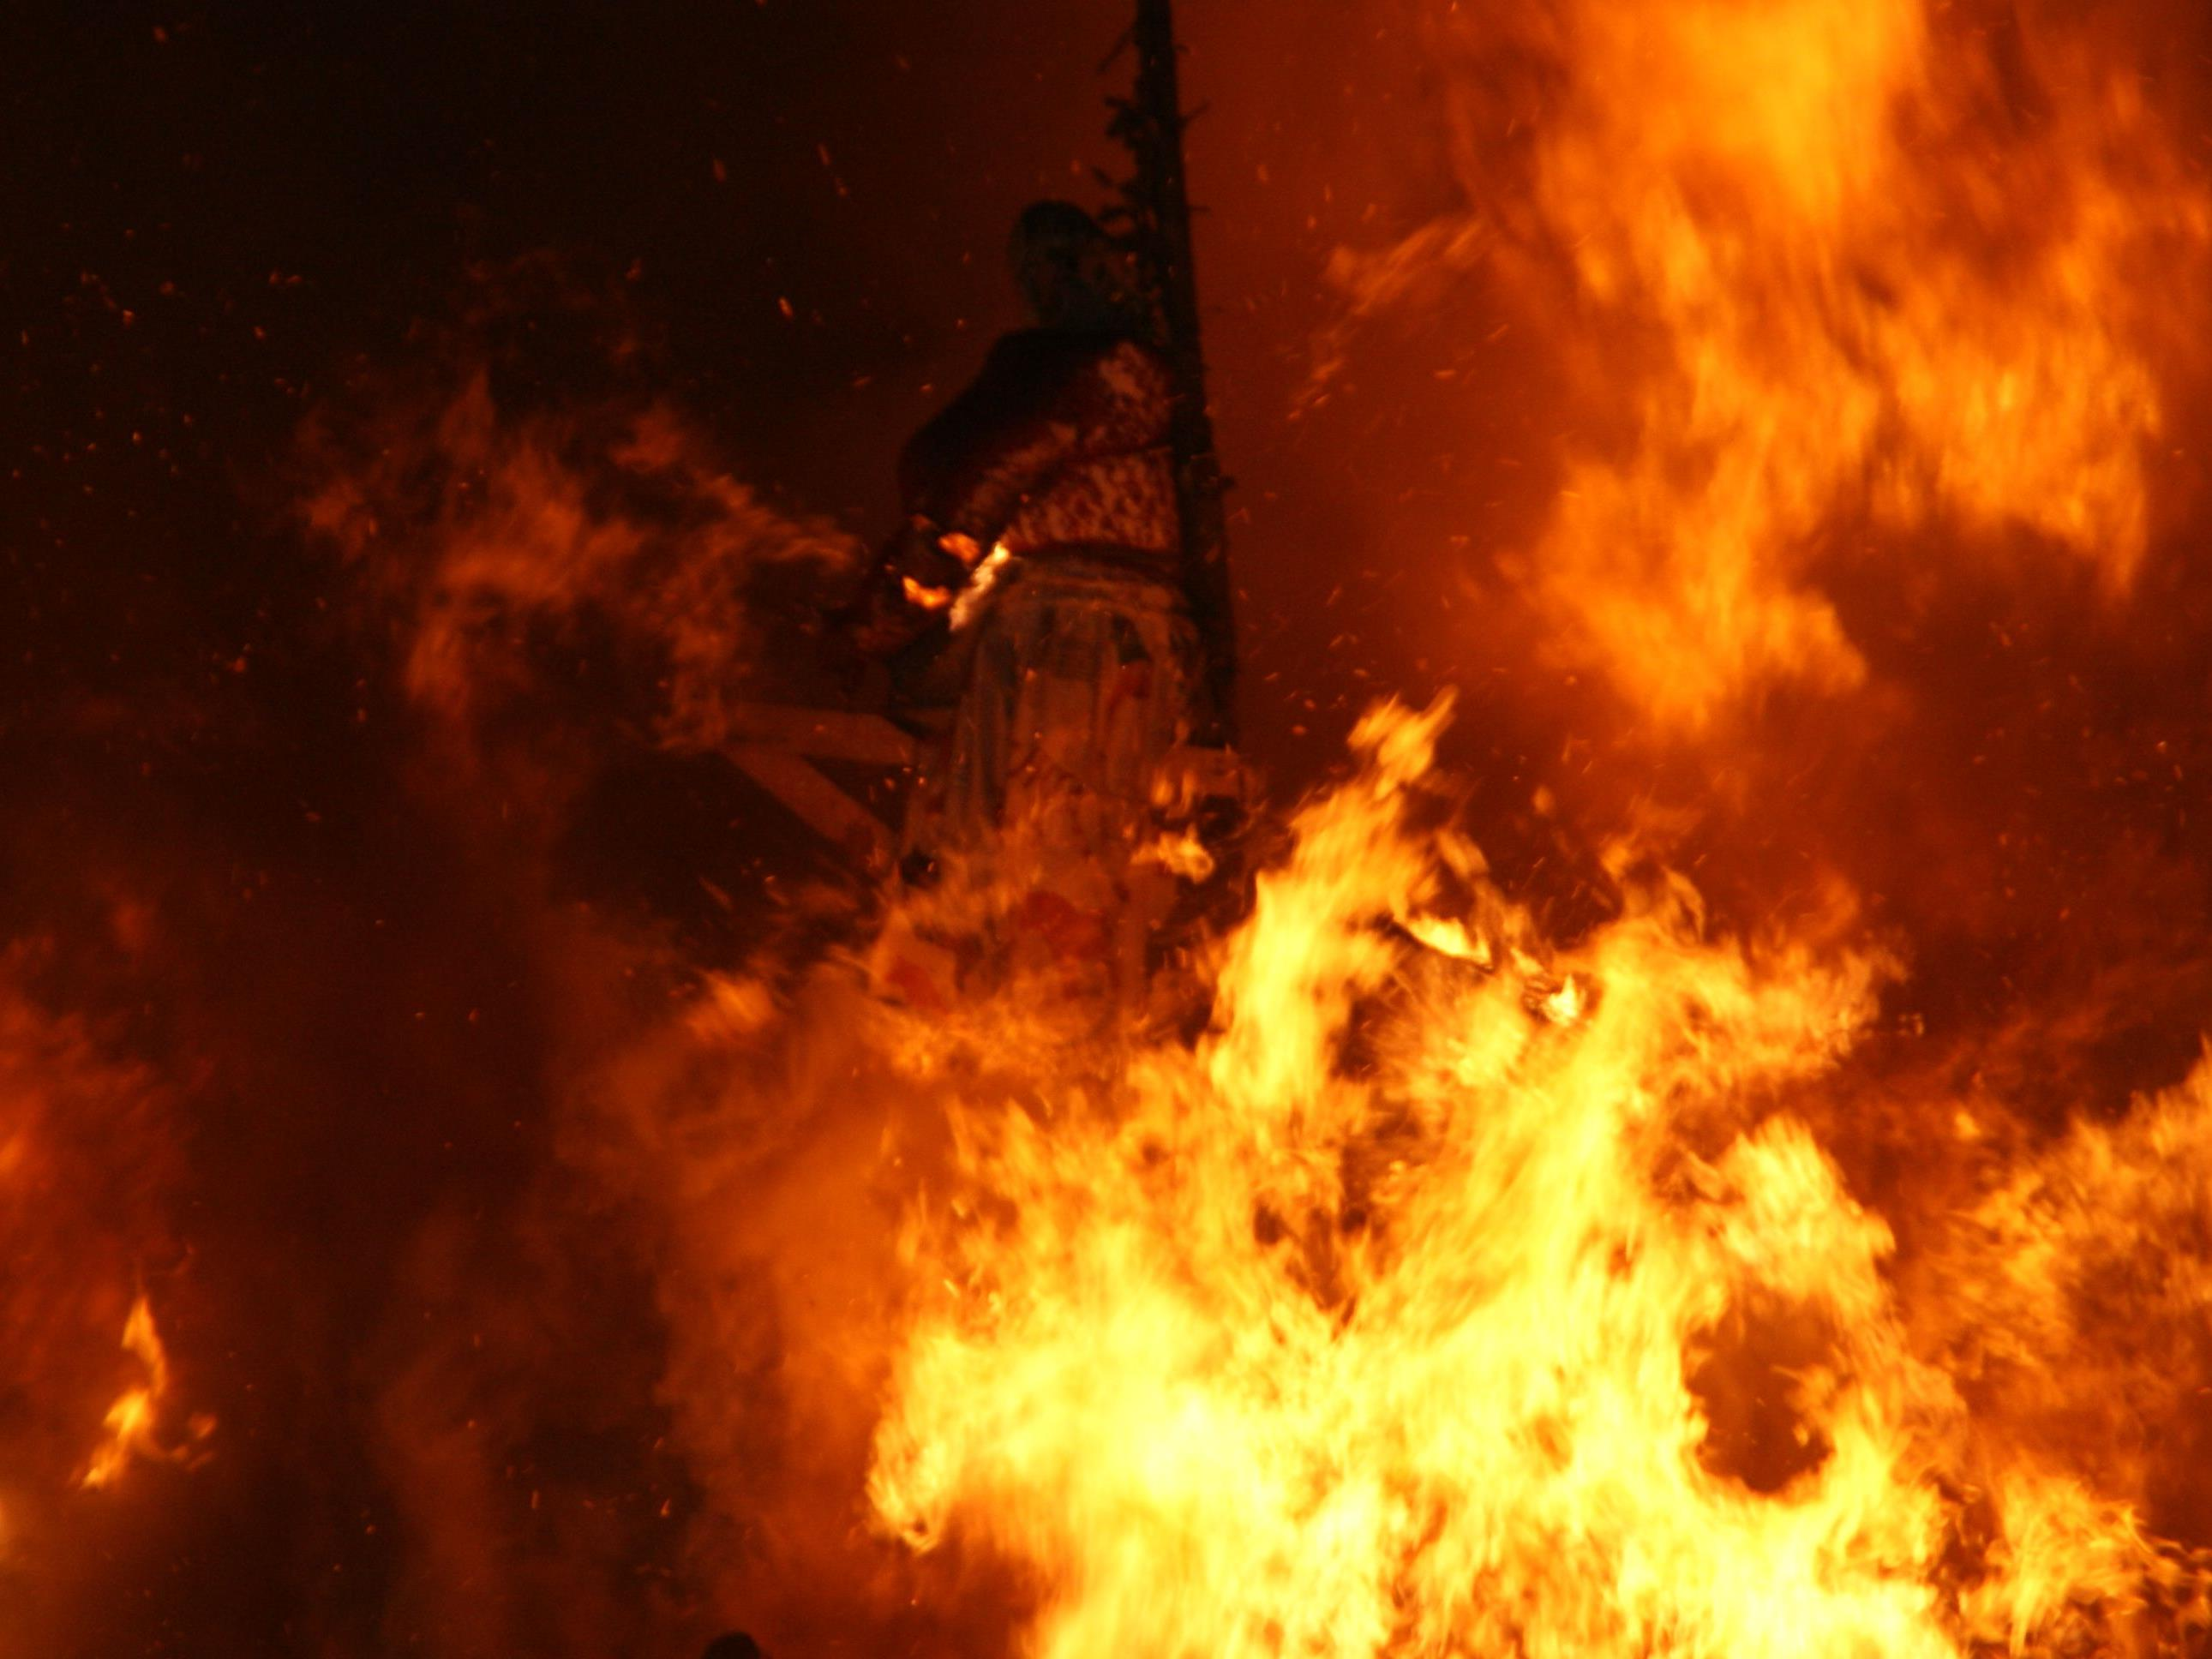 Der Funken brannte lichterloh